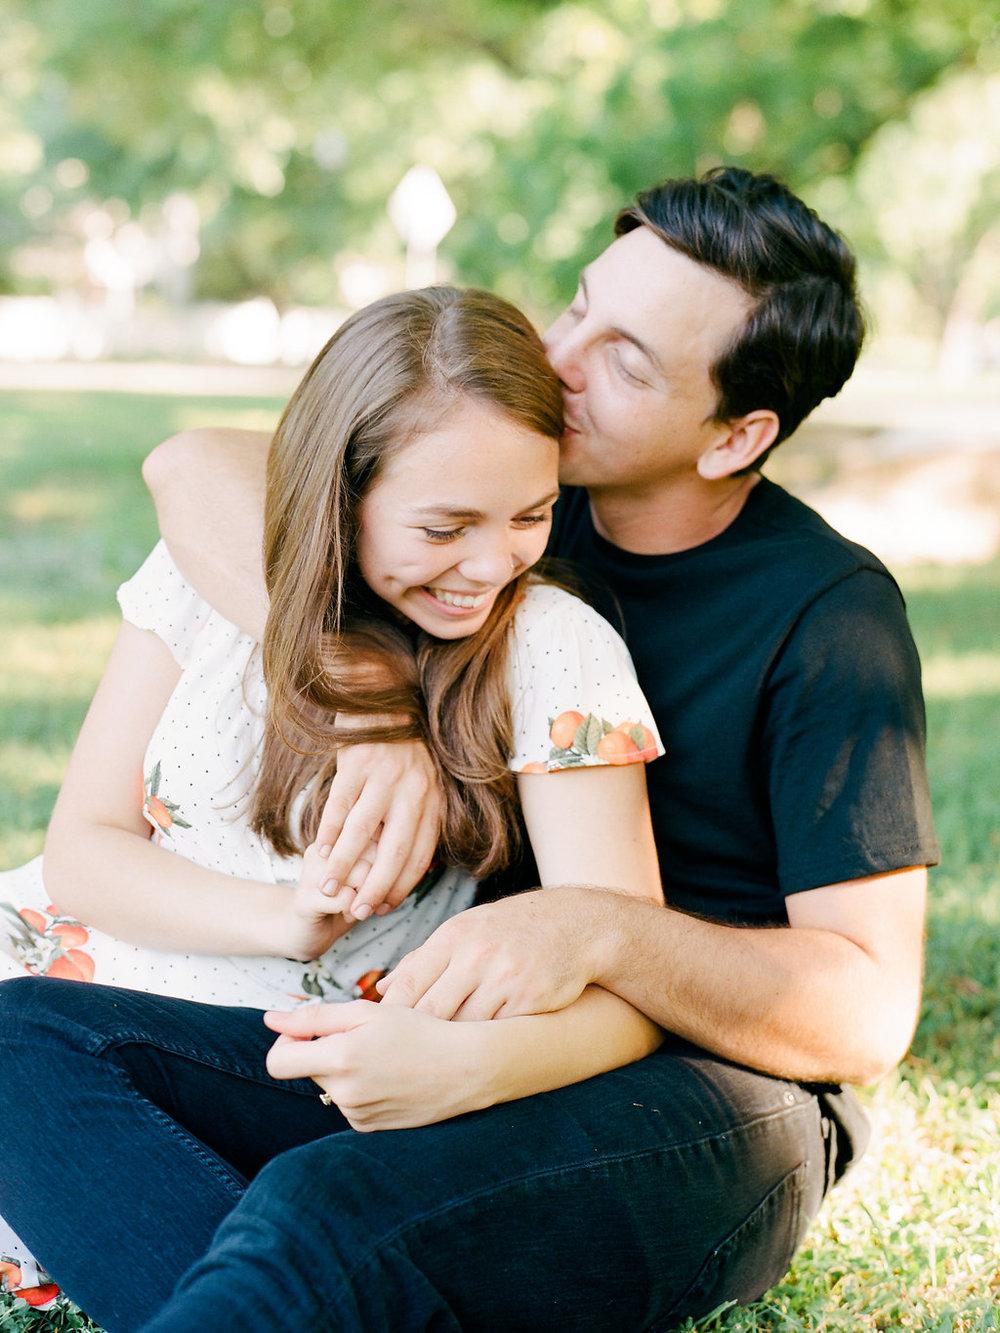 Best-Austin-Denver-California-Wedding-Photographers-fine-art-film-Engagement-Session-43.jpg